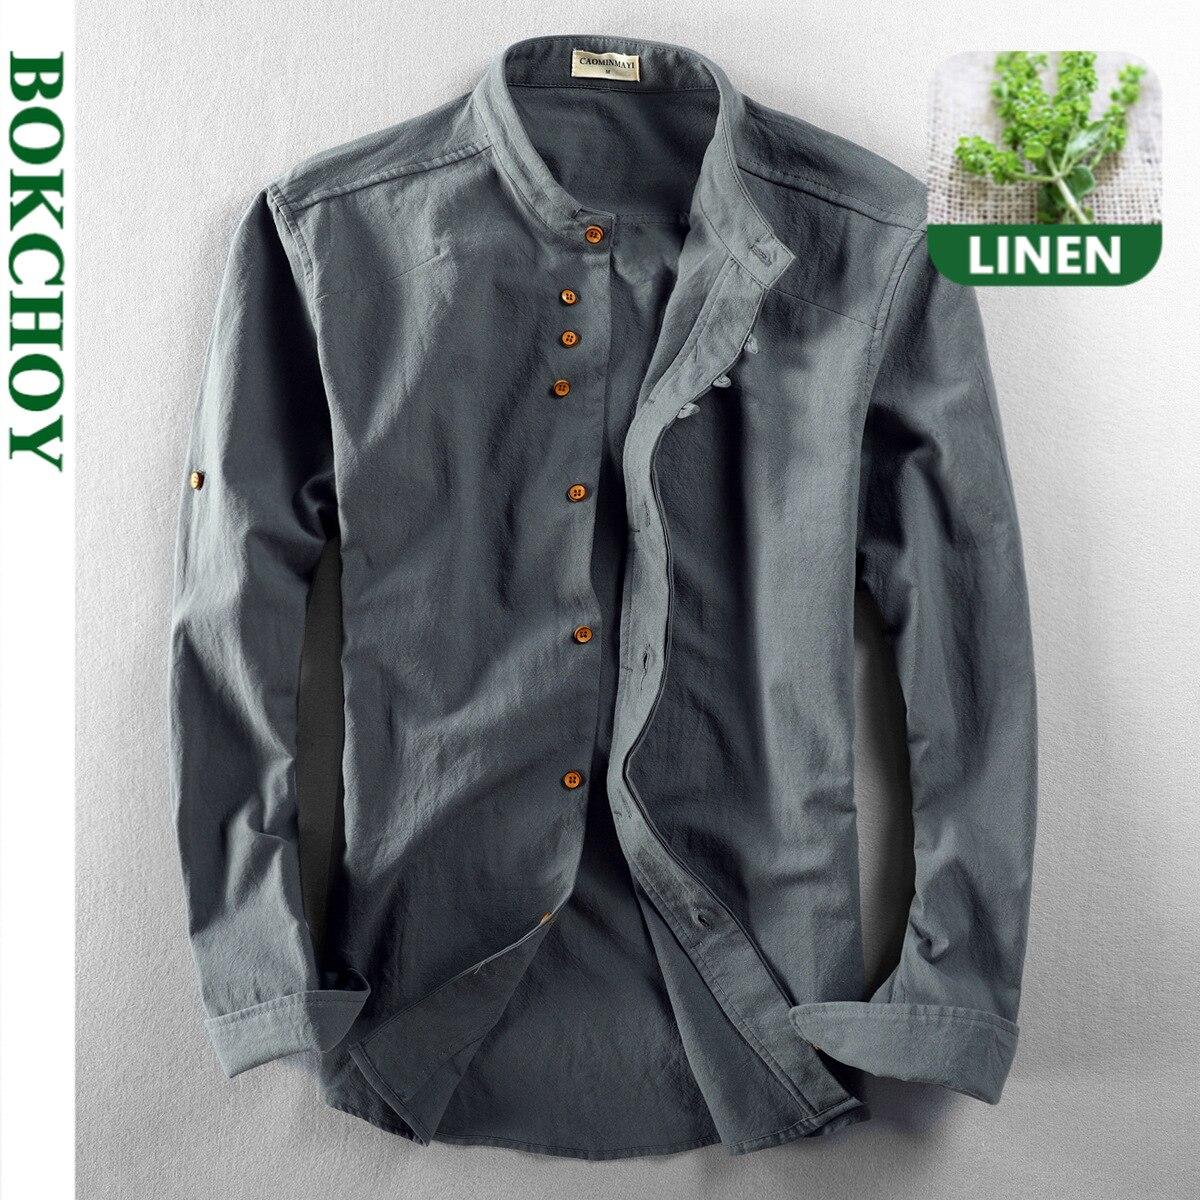 قميص من القطن والكتان على الطراز الصيني قميص طويل الأكمام للرجال زر طوق اليوسفي